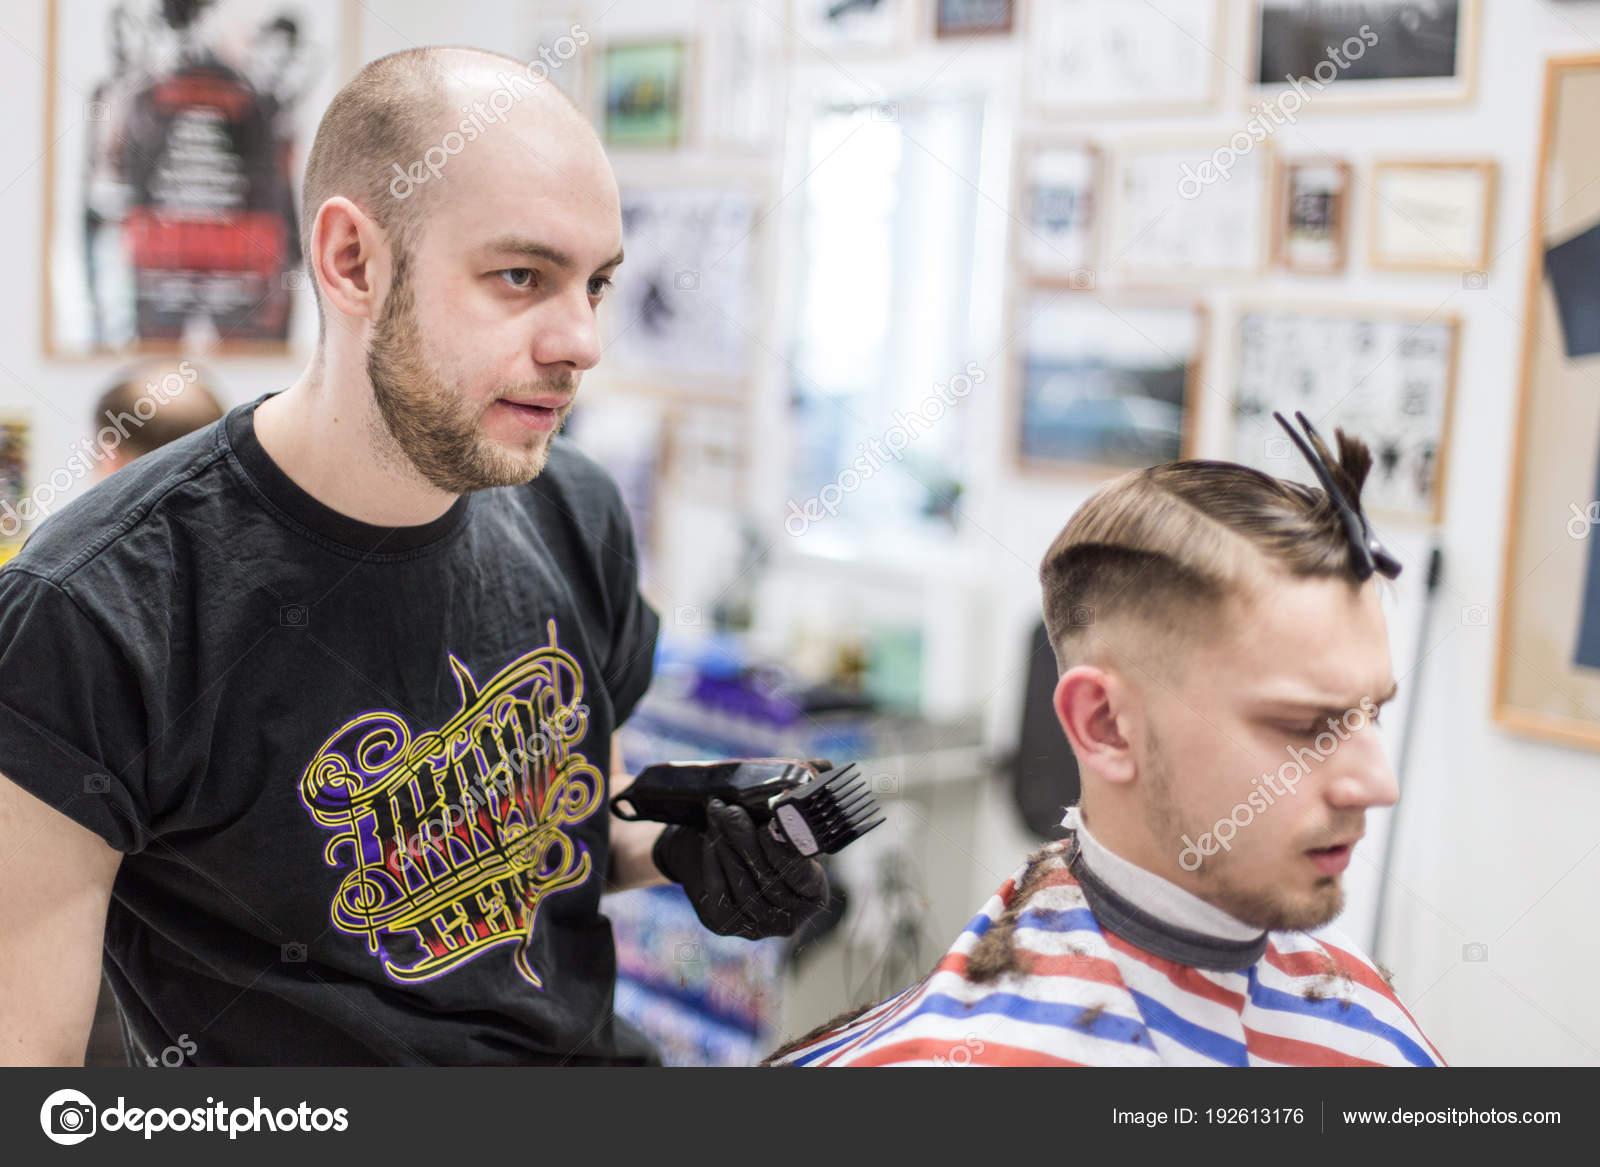 Ufa Russia April 2018 Men Haircut Barbershop Master Barber Does